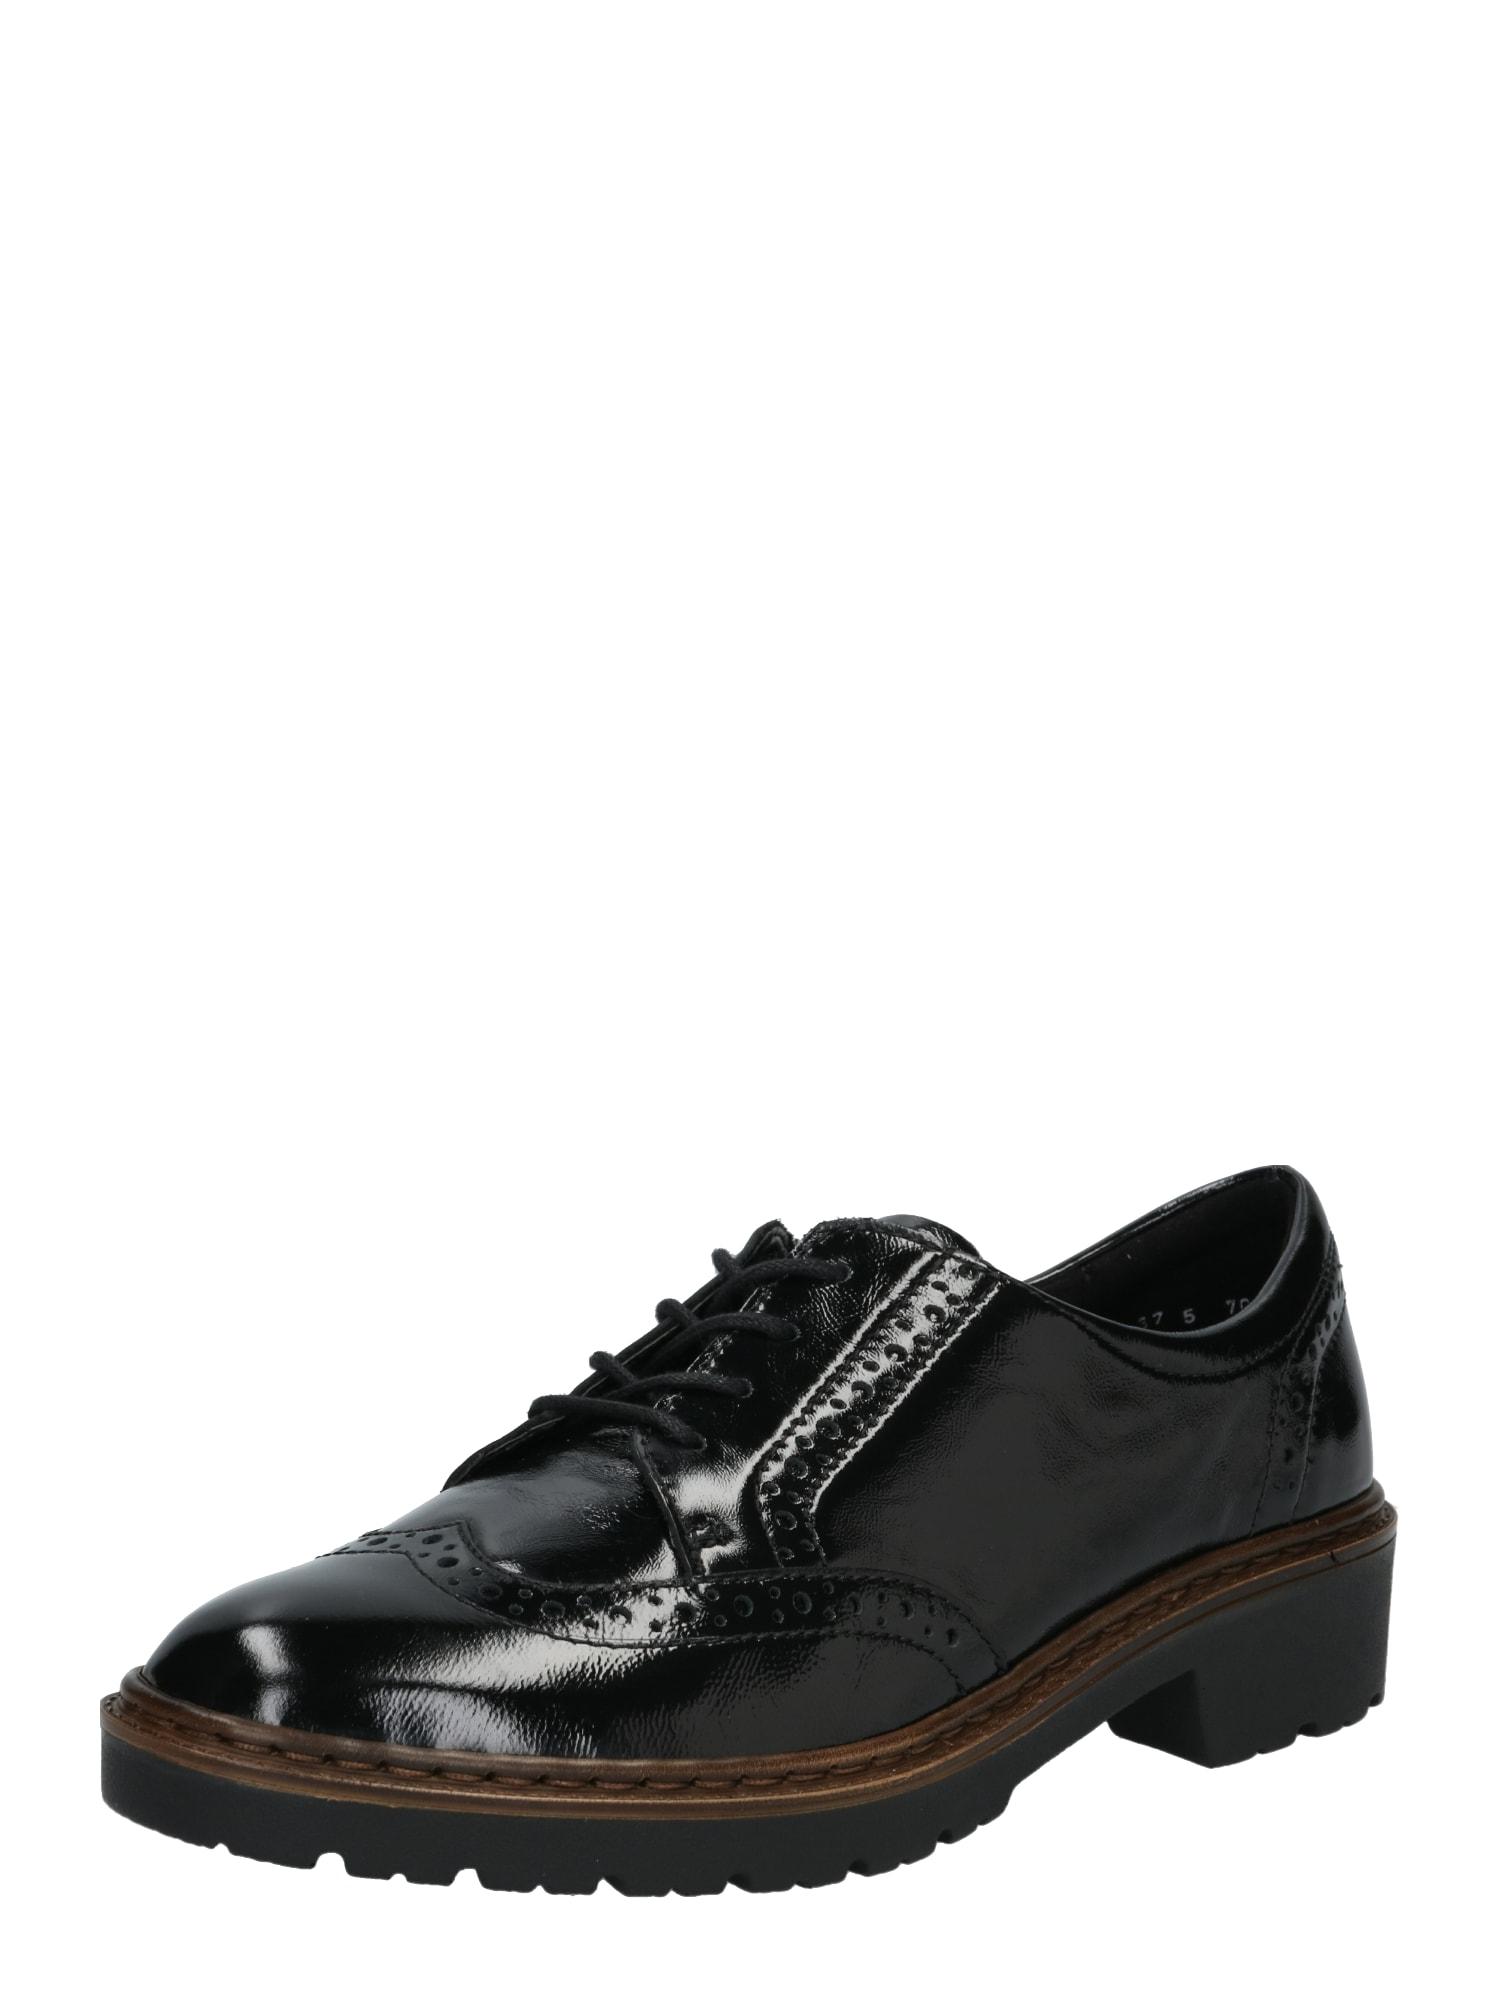 Šněrovací boty RICHMOND černá ARA